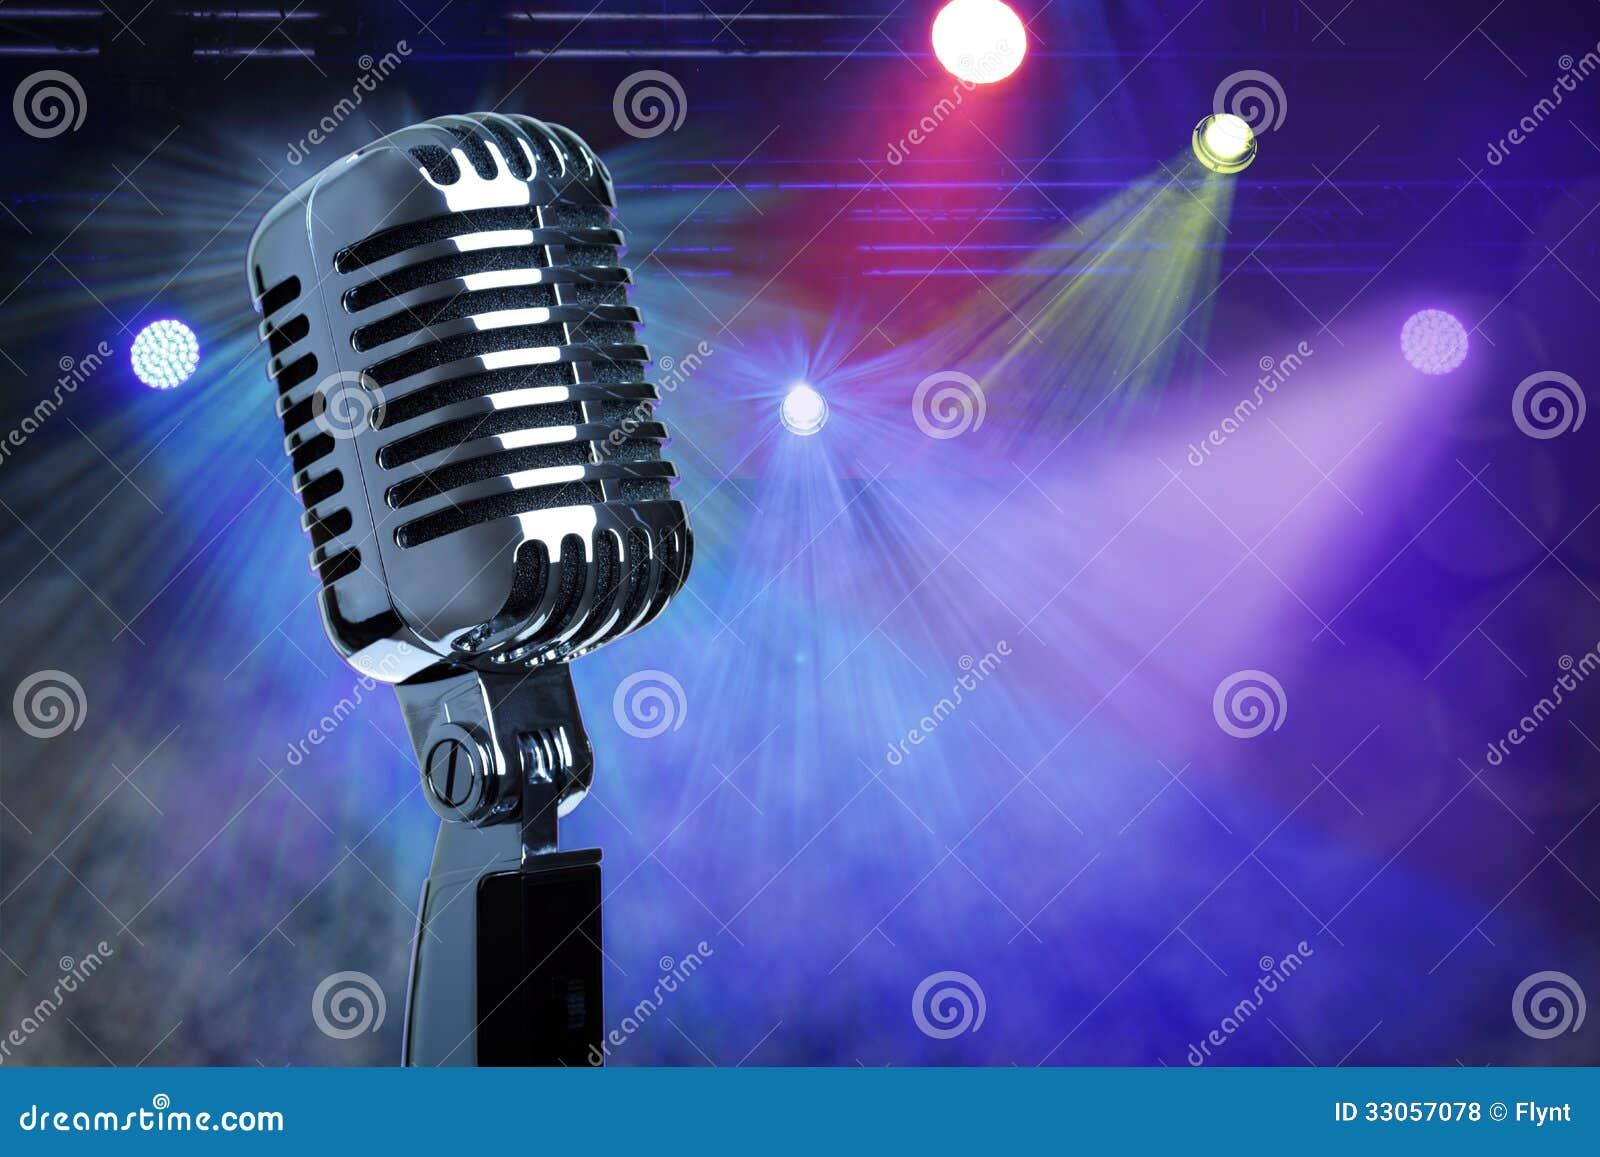 Εκλεκτής ποιότητας μικρόφωνο στη σκηνή